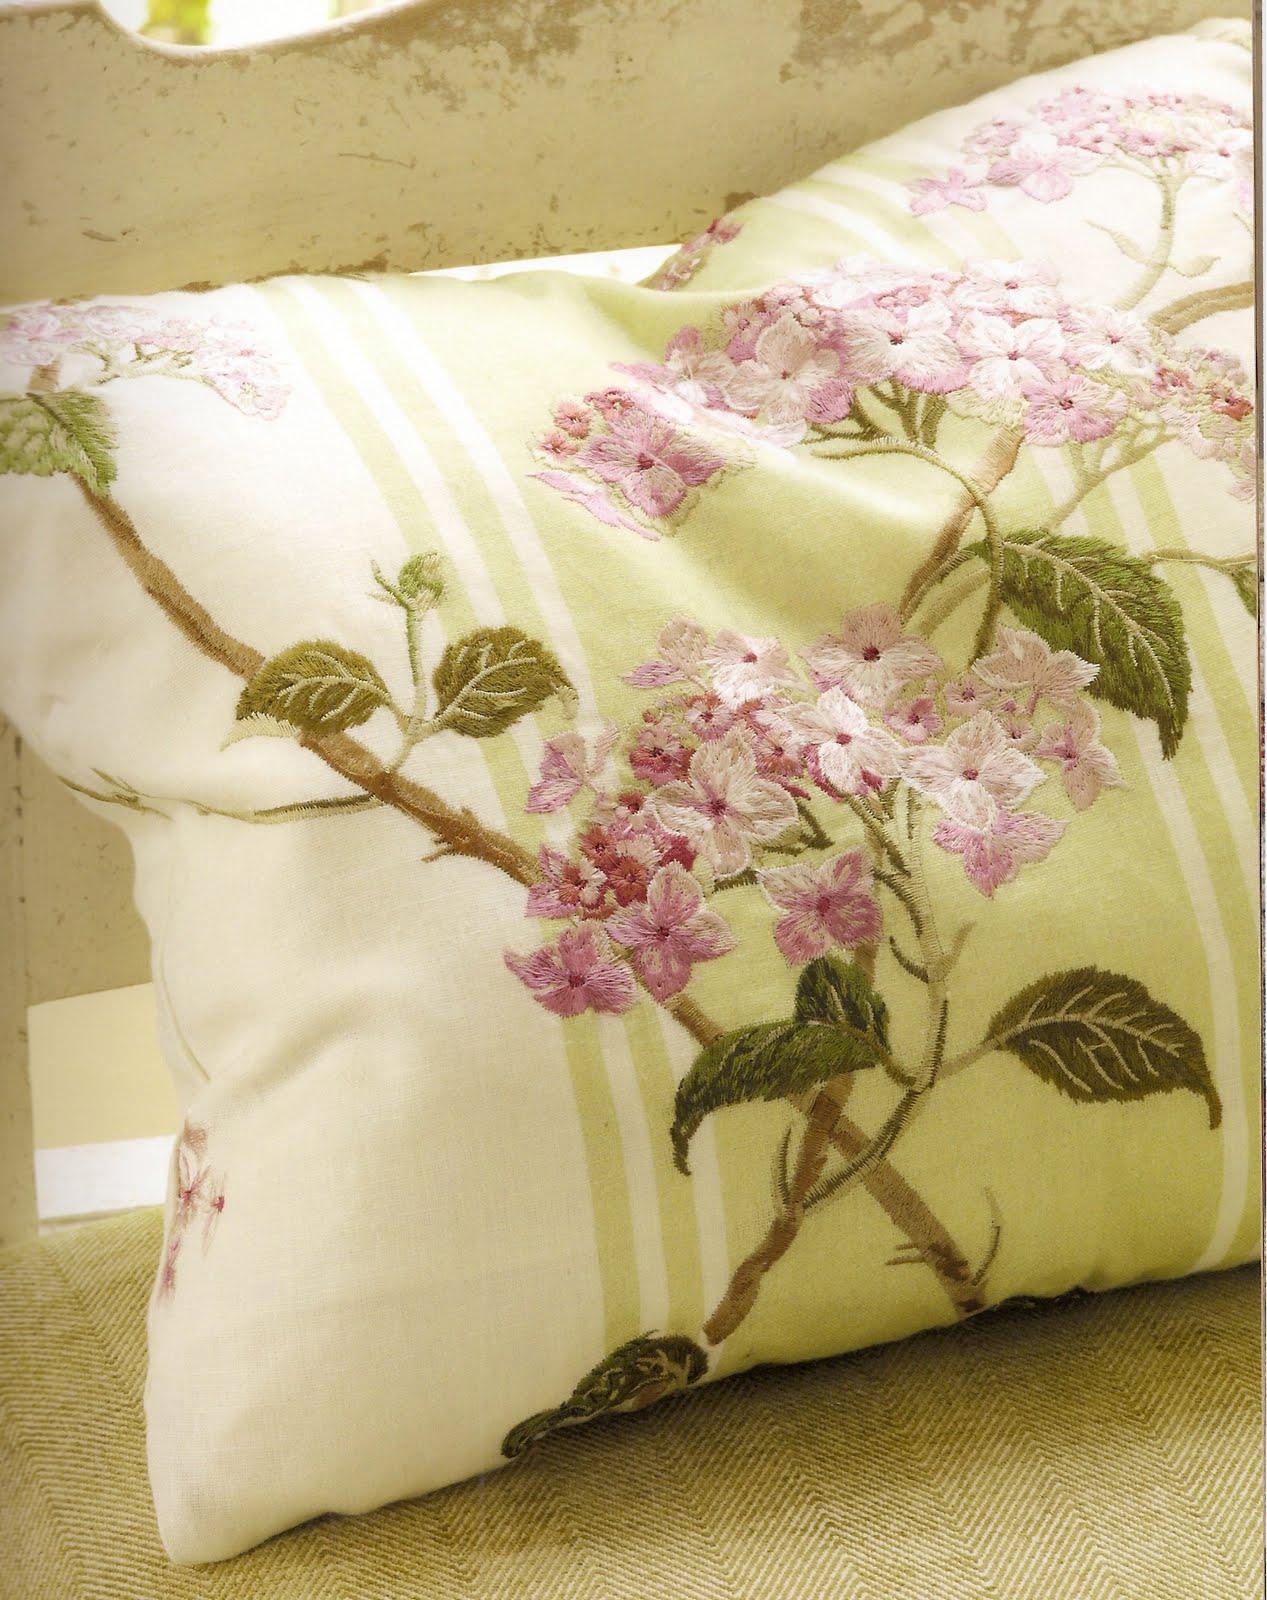 http://3.bp.blogspot.com/-amH-vclpAFg/TgpslfpelbI/AAAAAAAAAG8/shH3hW3Gyzg/s1600/Colefax+Pillow.jpg